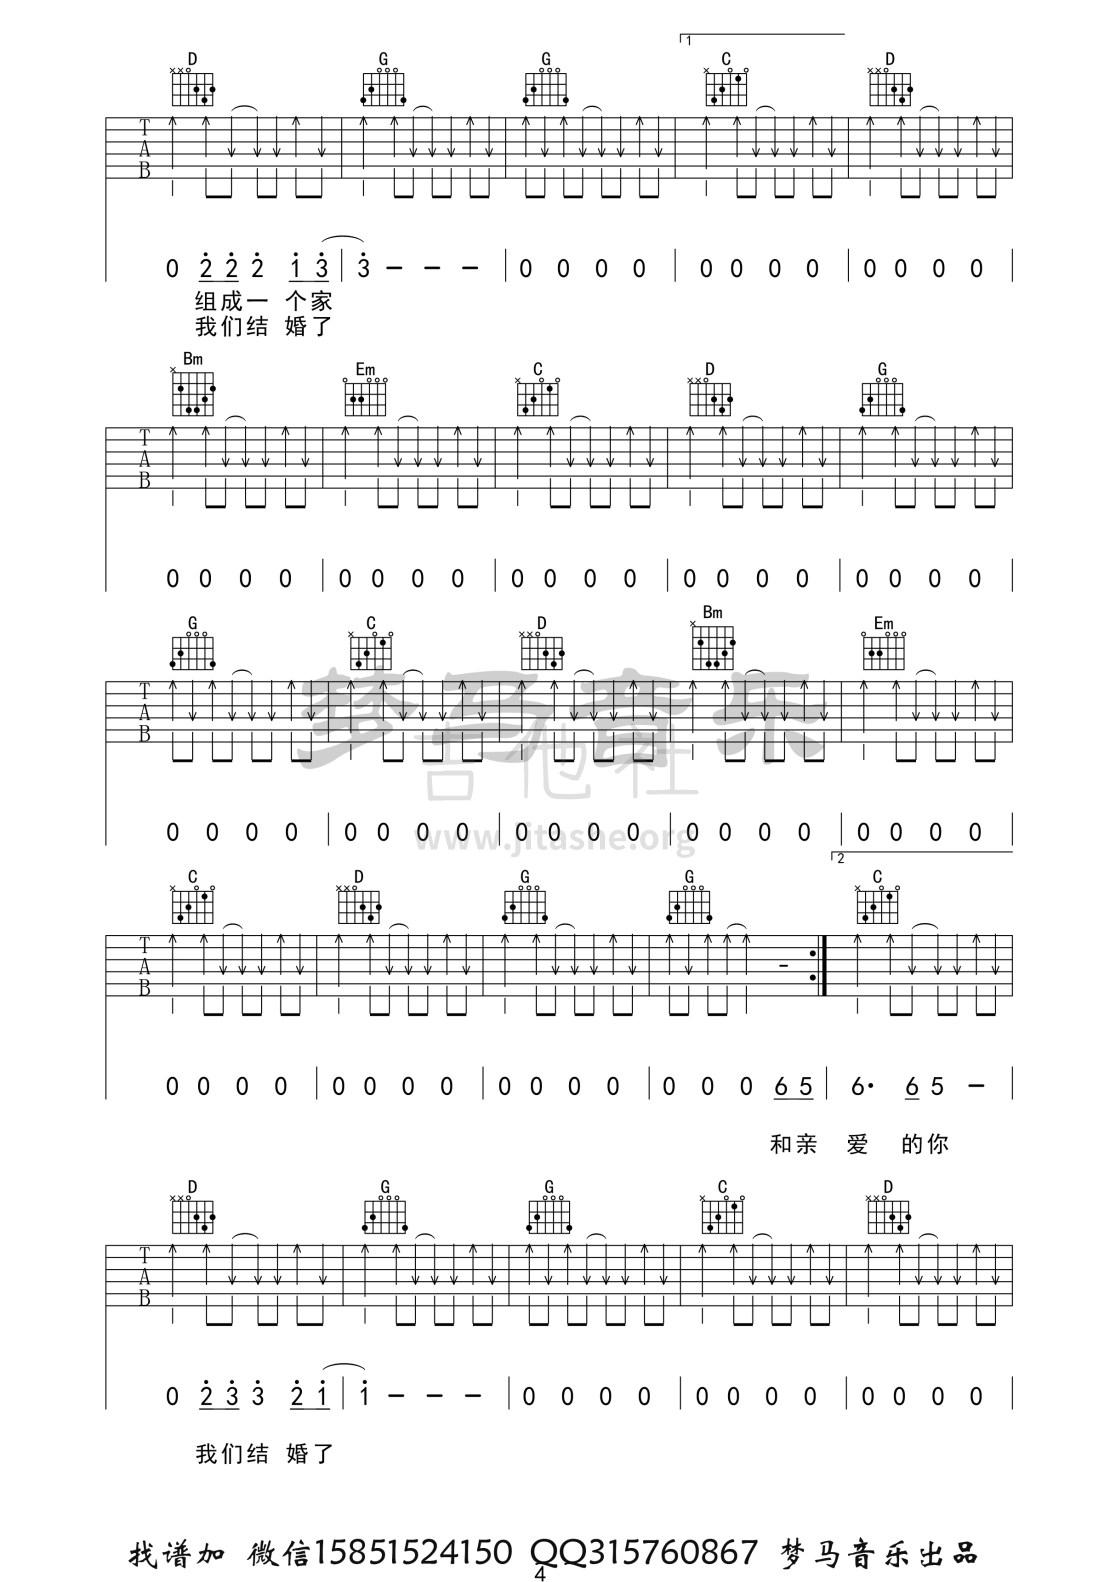 人的一生总有幸福的时刻吉他谱(图片谱)_张闯_人的一生总有幸福的时刻-4.jpg